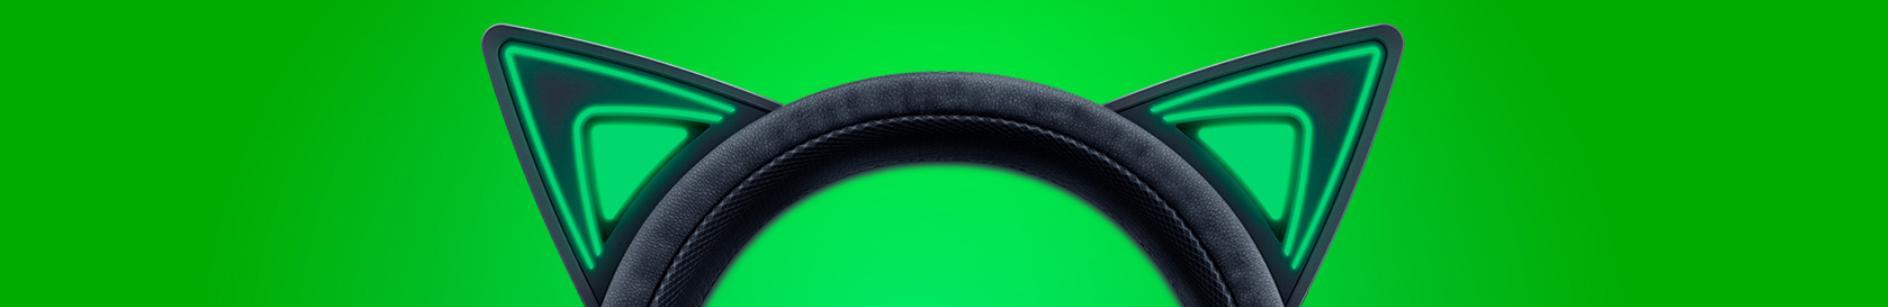 Tai nghe Razer Kraken Kitty Chroma Black RZ04-02980100-R3M1 có phong cách độc đáo